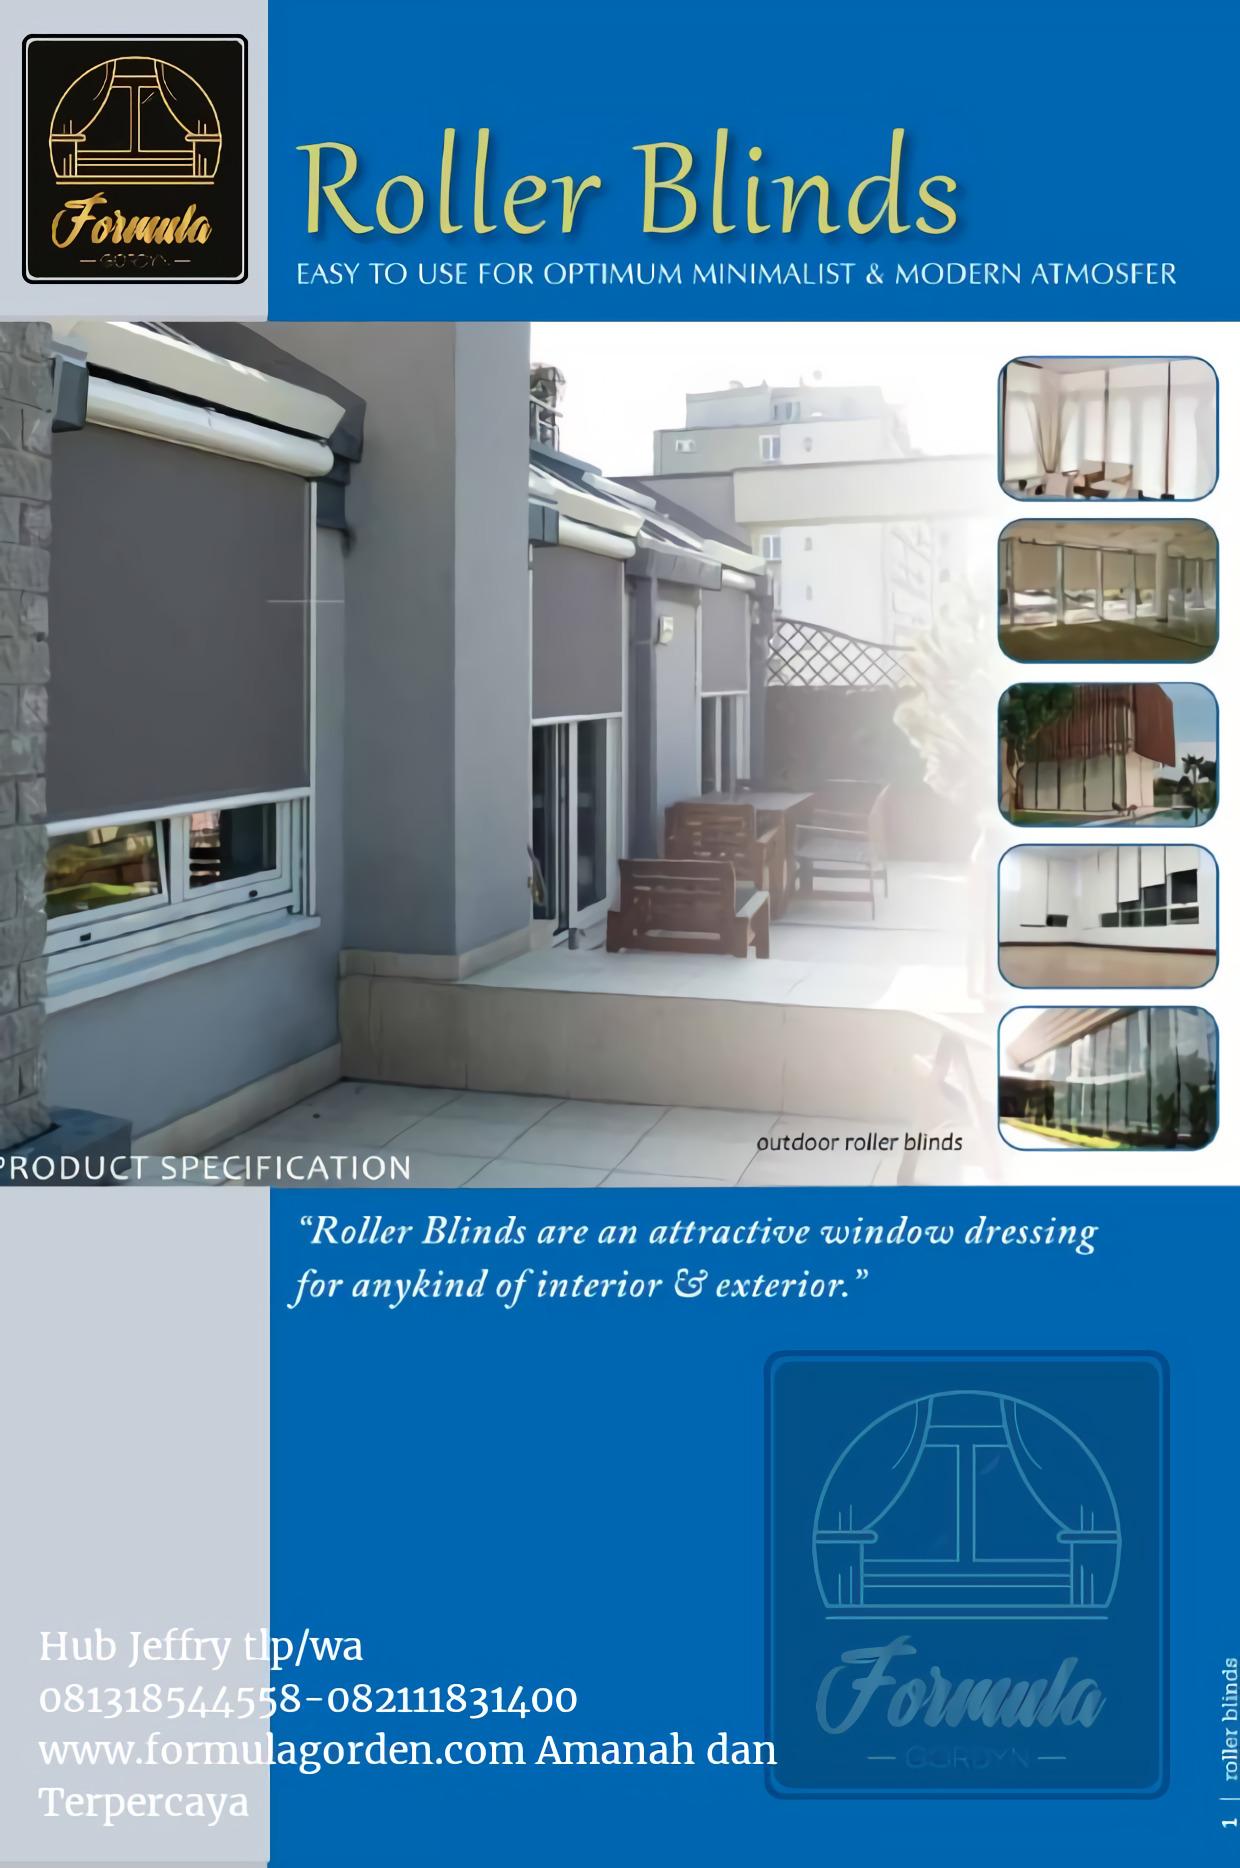 hub-Jeffry-Tlp-Wa-0813-1854-4558-Jual-Gorden-Kantor-Minimalis-0821-1183-1400-Vertical-Vrtikal-Blind-Roller-Blind-Model-Tarik-Harga-Murah-Untuk-Sekolah-kantoran-